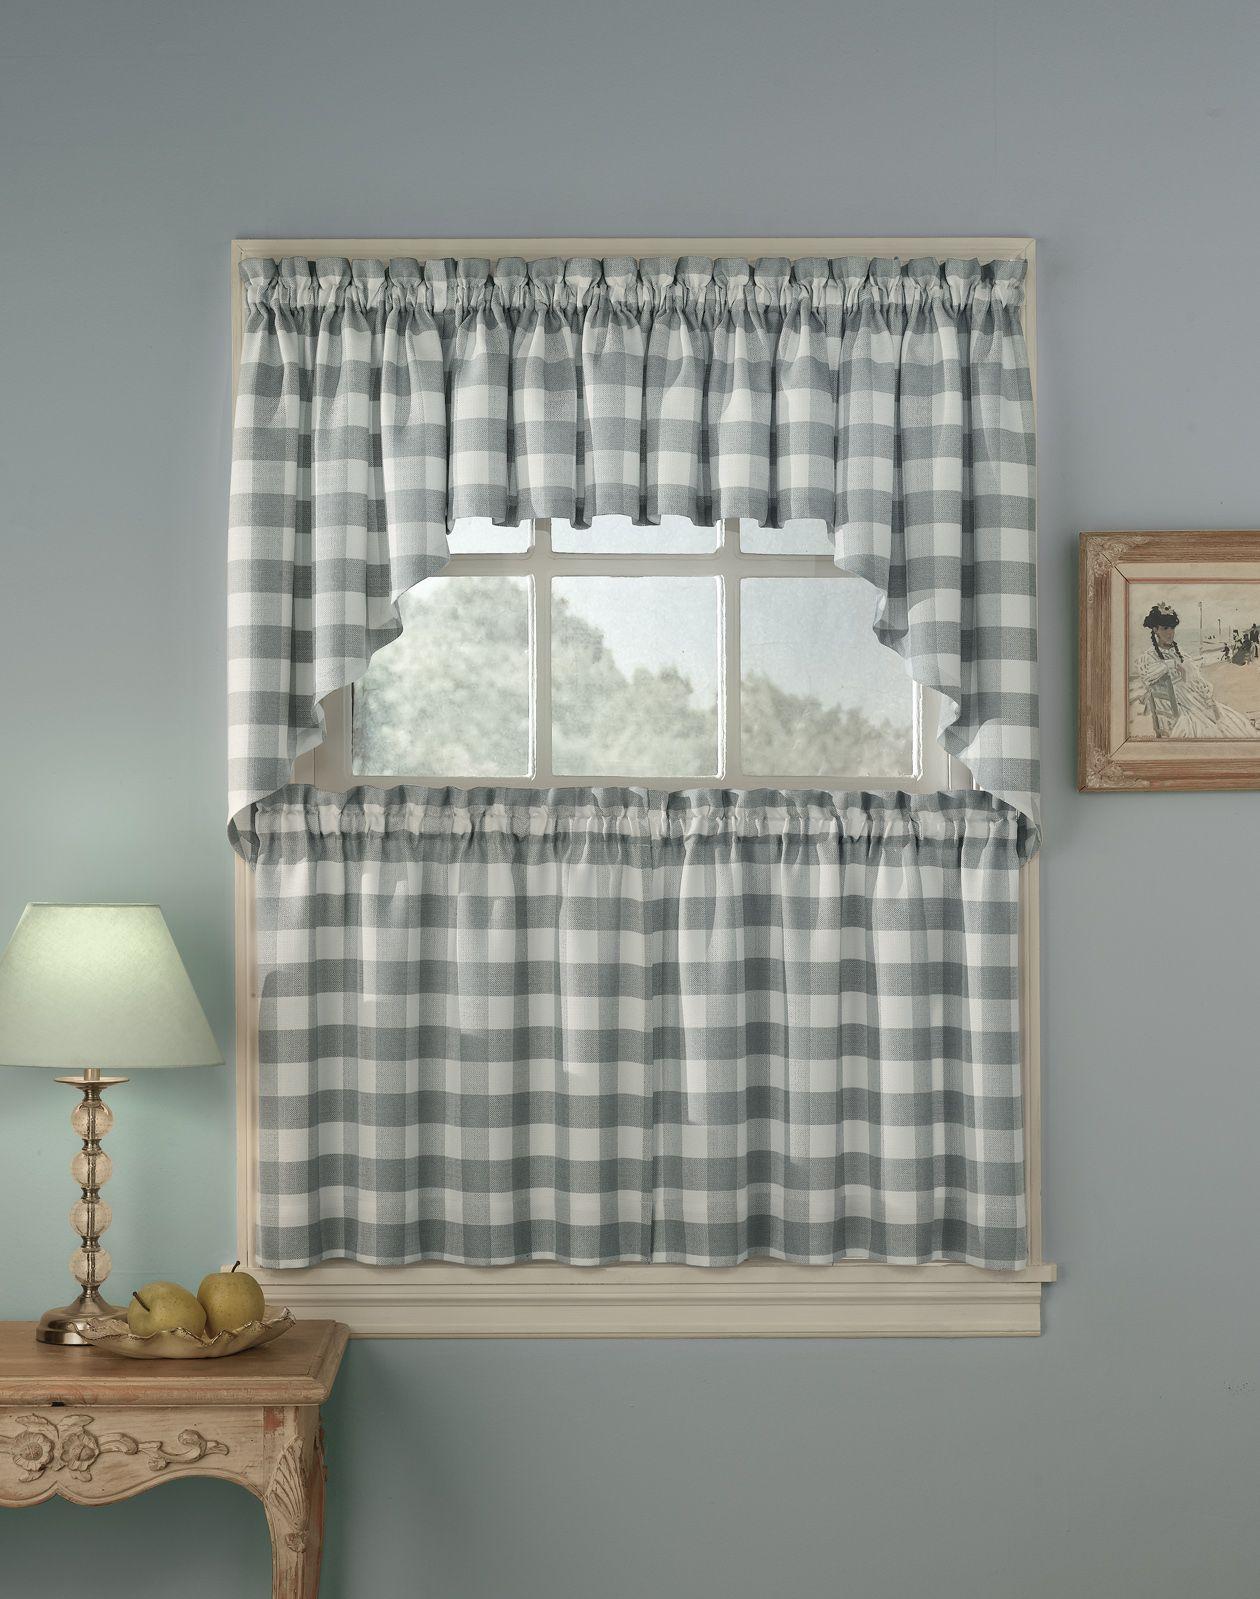 Beau Rowan Plaid Kitchen Curtains / Curtainworks.com